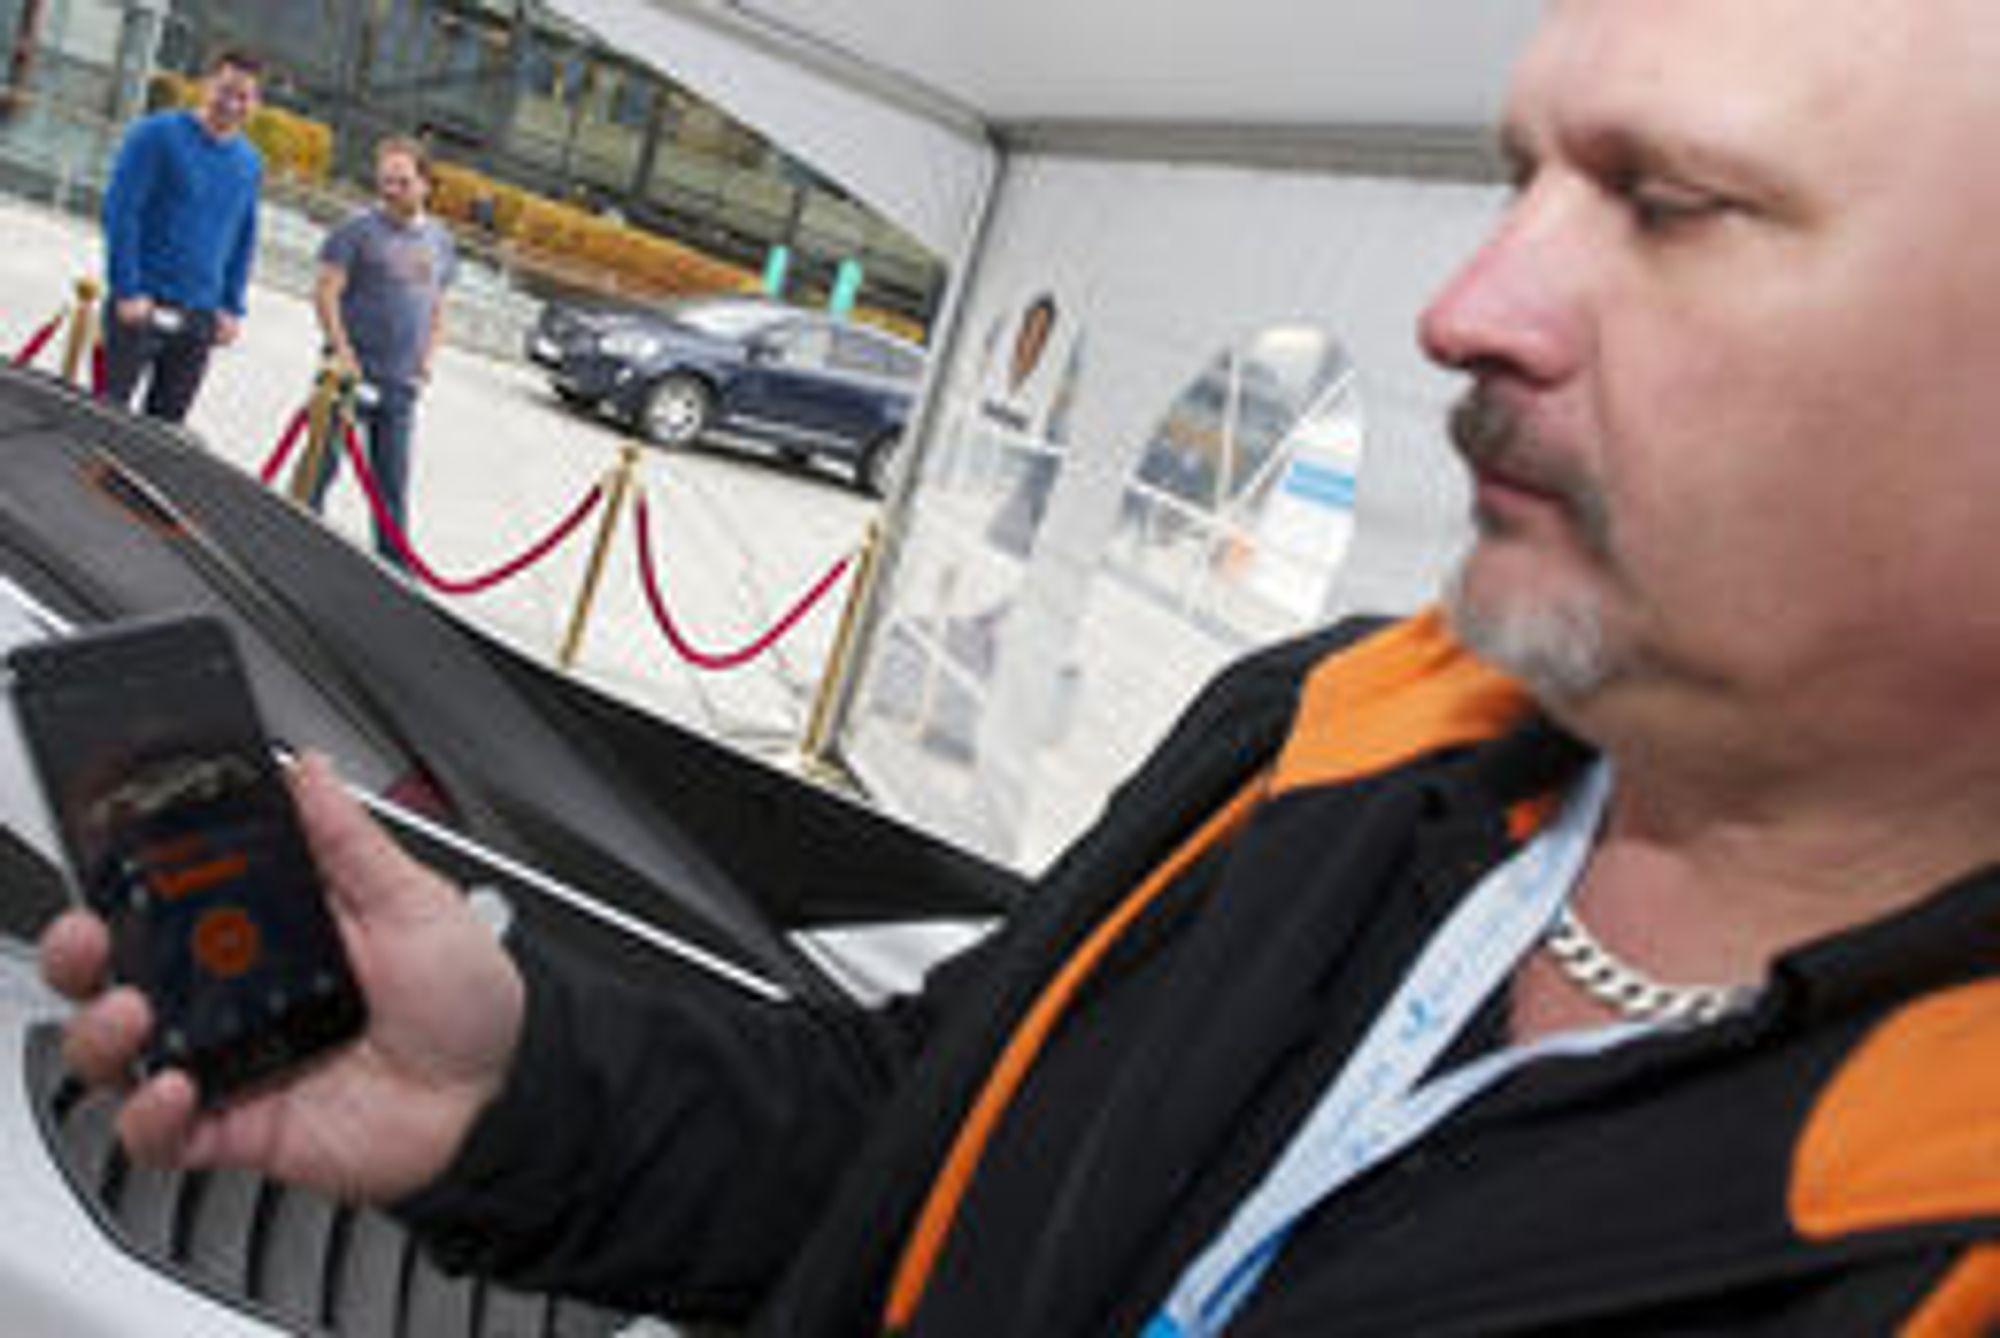 IKKE FOR JAMES BOND: Men foruten å faktisk kjøre bilen kan du styre det meste annet med en mobilapp, forklarer Christer Hultberg i Konenigsegg.